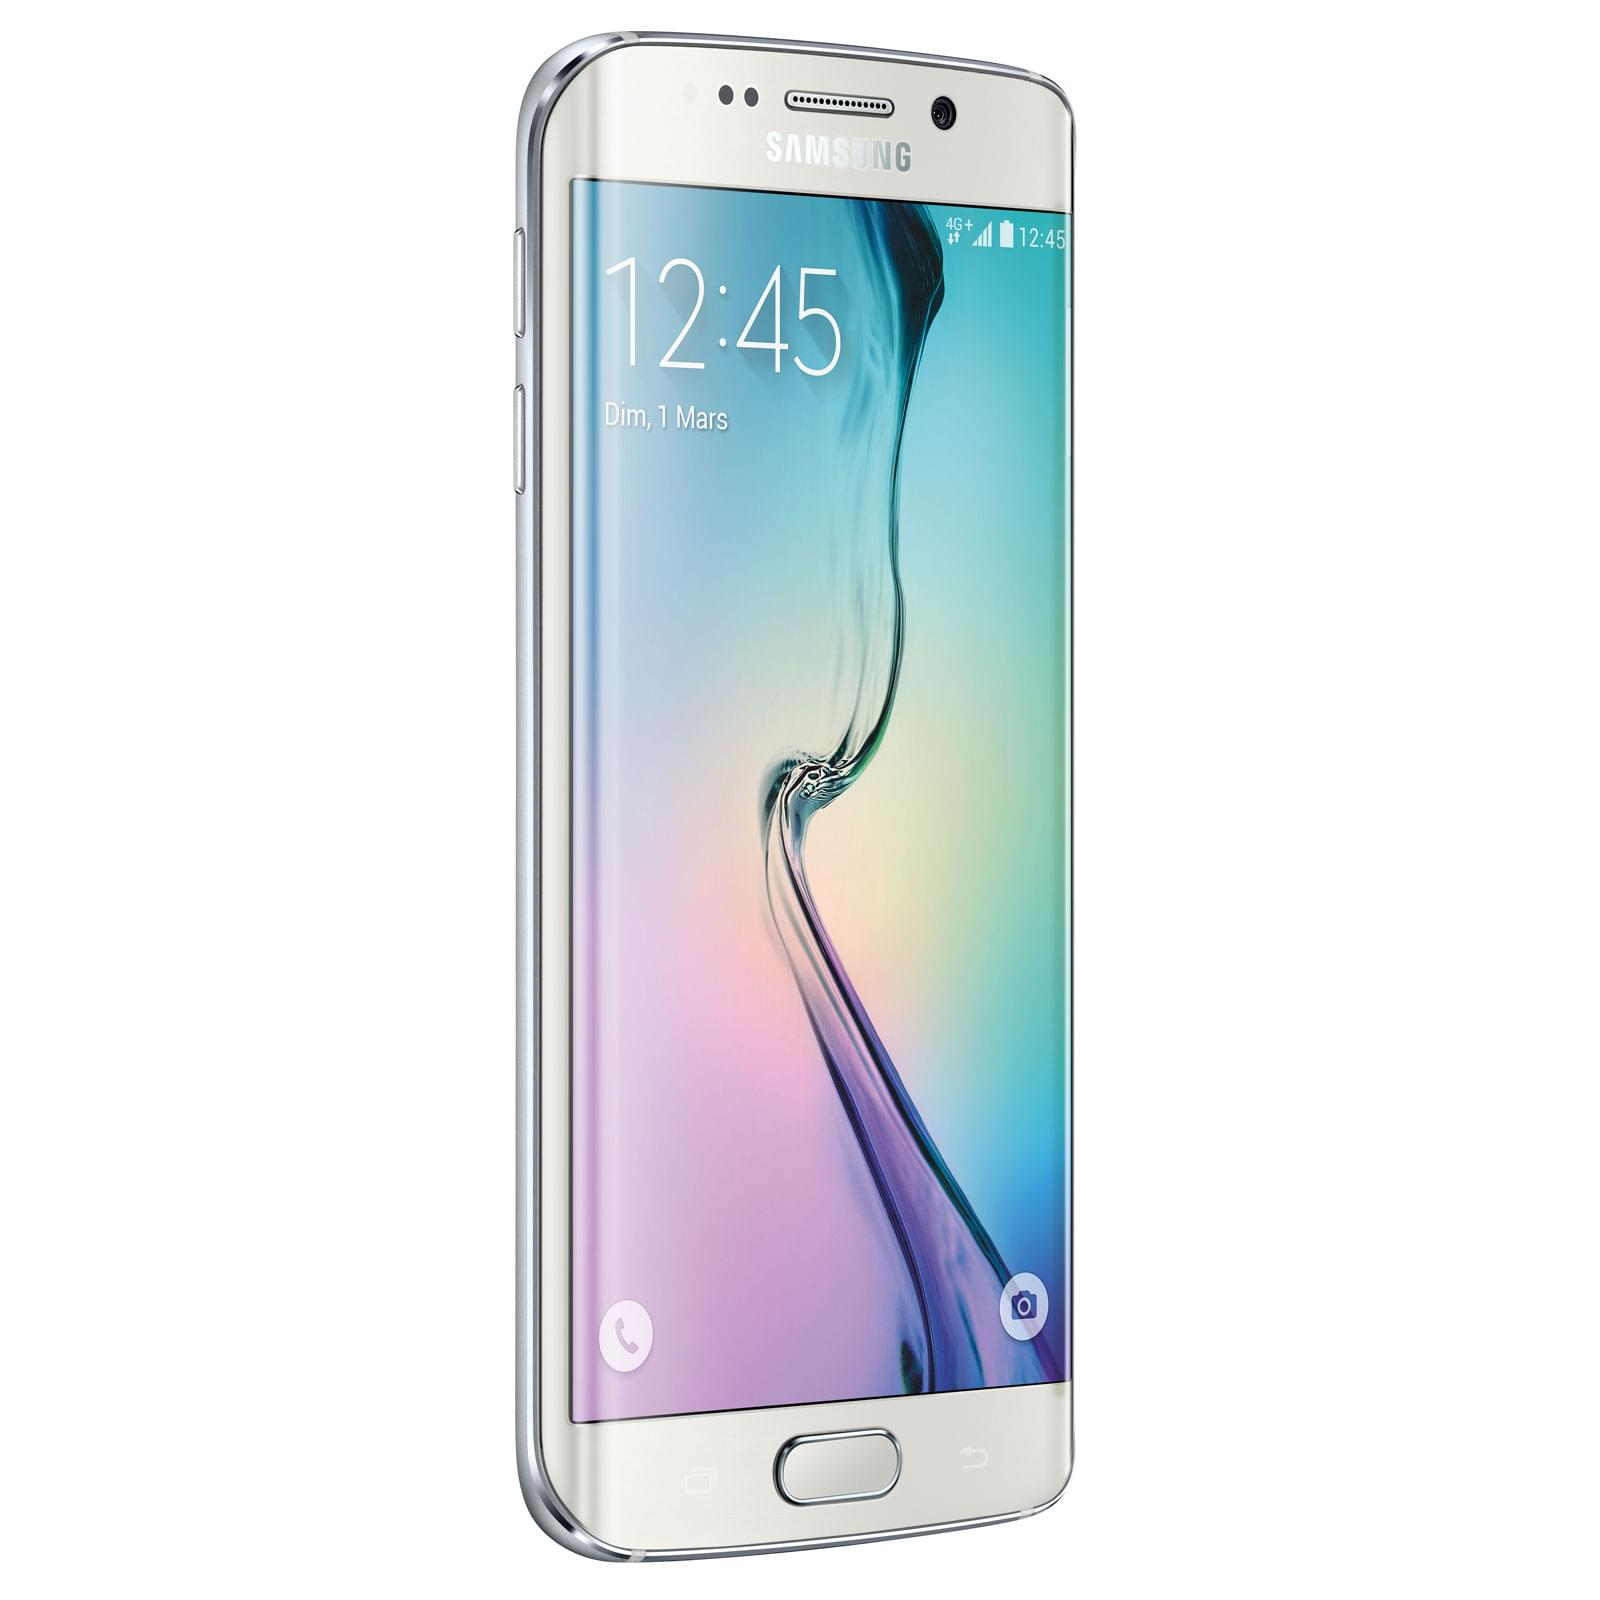 Samsung Galaxy S6 Edge 64Gb White G925F (SM-G925FZWEXEF) - Achat / Vente Téléphonie sur Cybertek.fr - 0